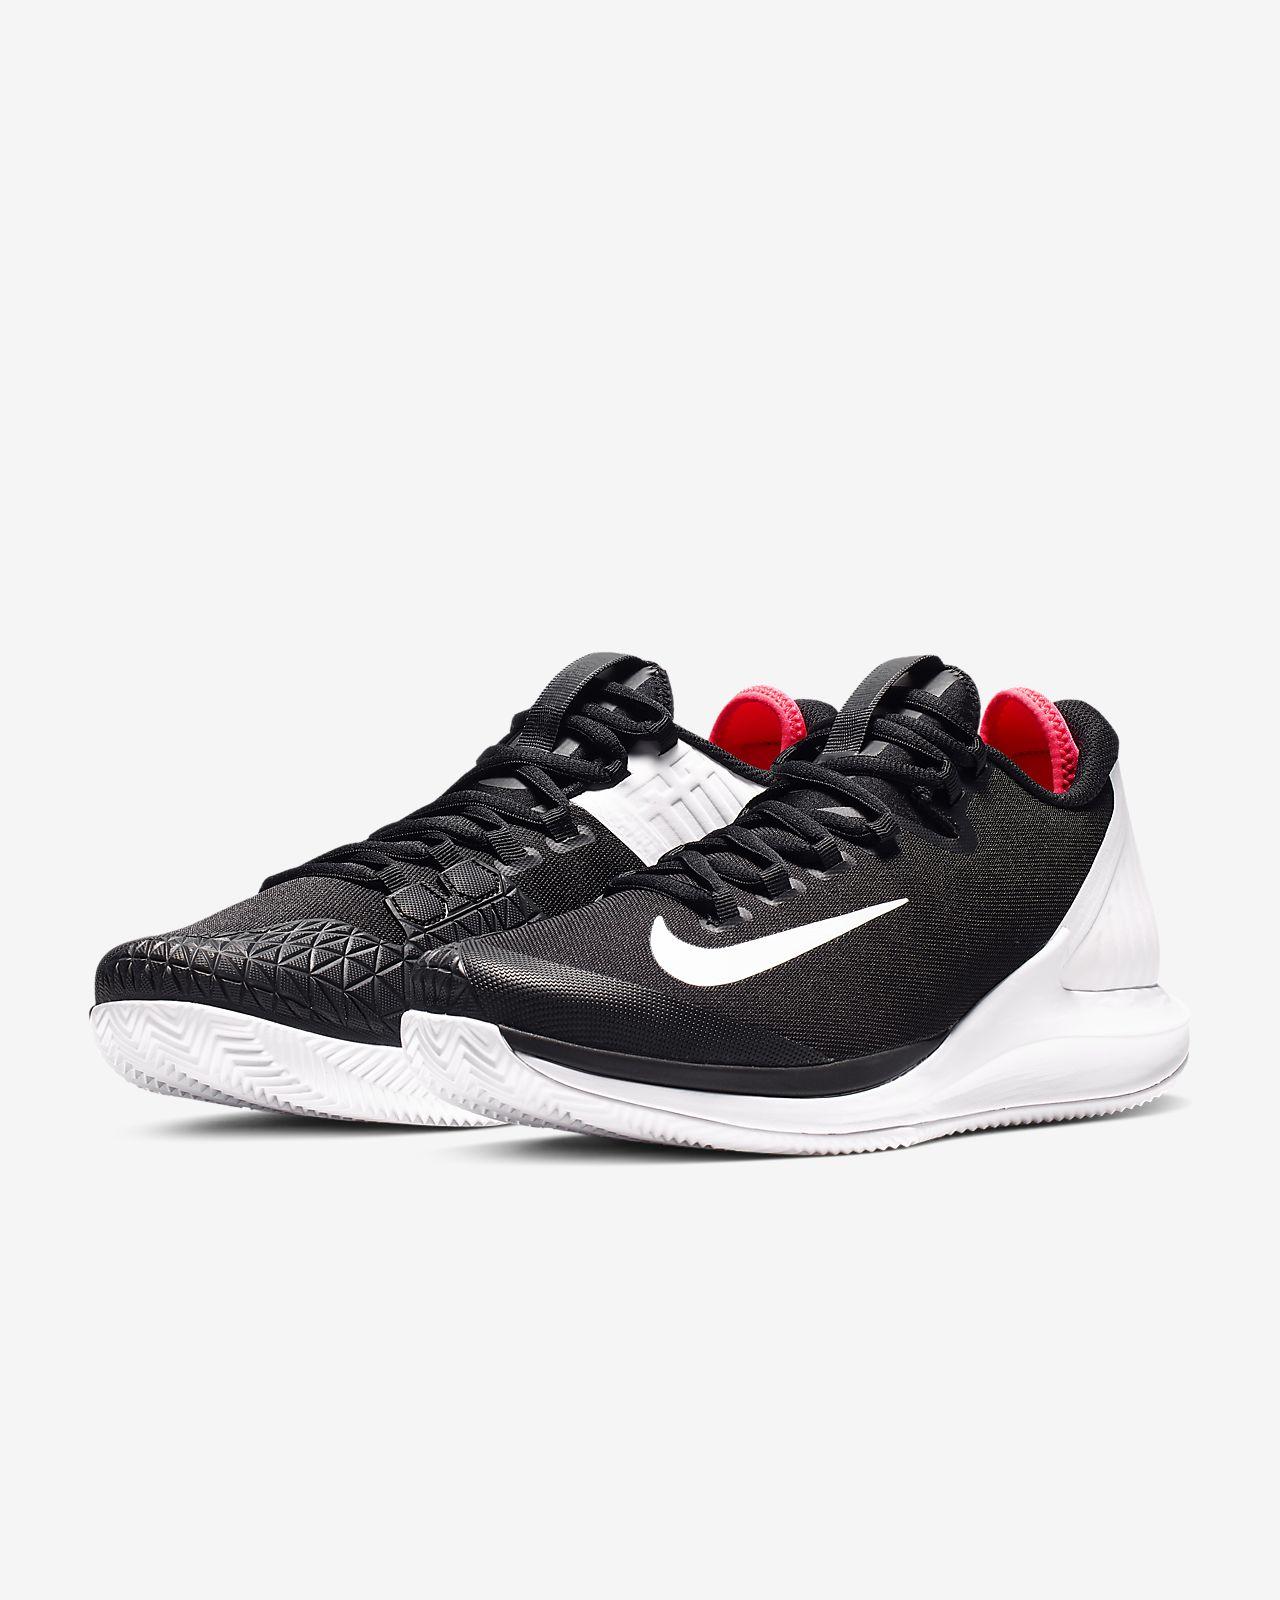 333b6ef06972 ... NikeCourt Air Zoom Zero Zapatillas de tenis para tierra batida - Hombre